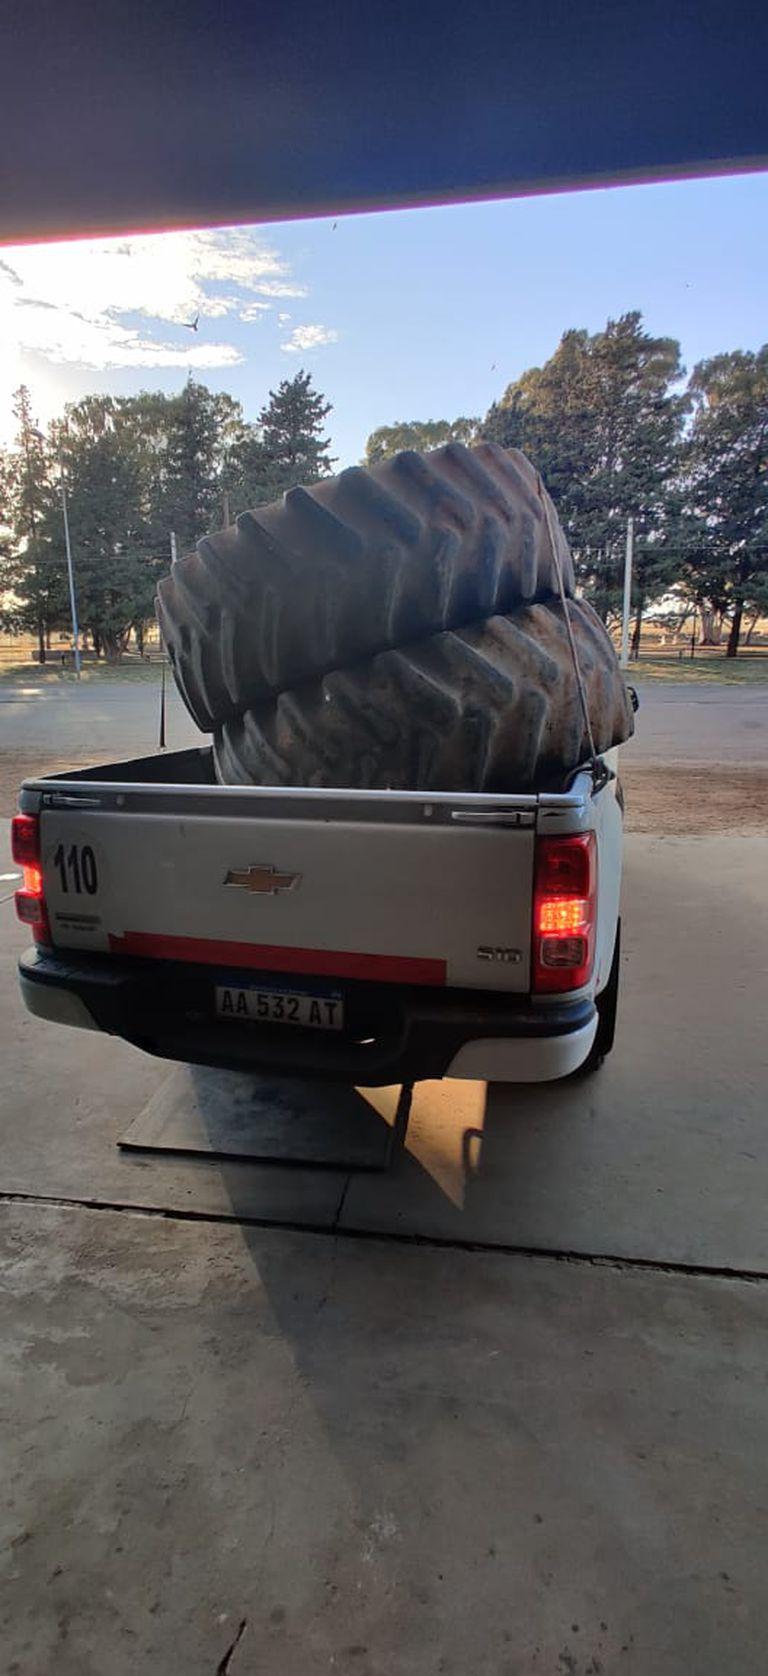 Juan Rebolini recorrió 150 km para comprar cubiertas usadas para un tractor porque no conseguía nuevas